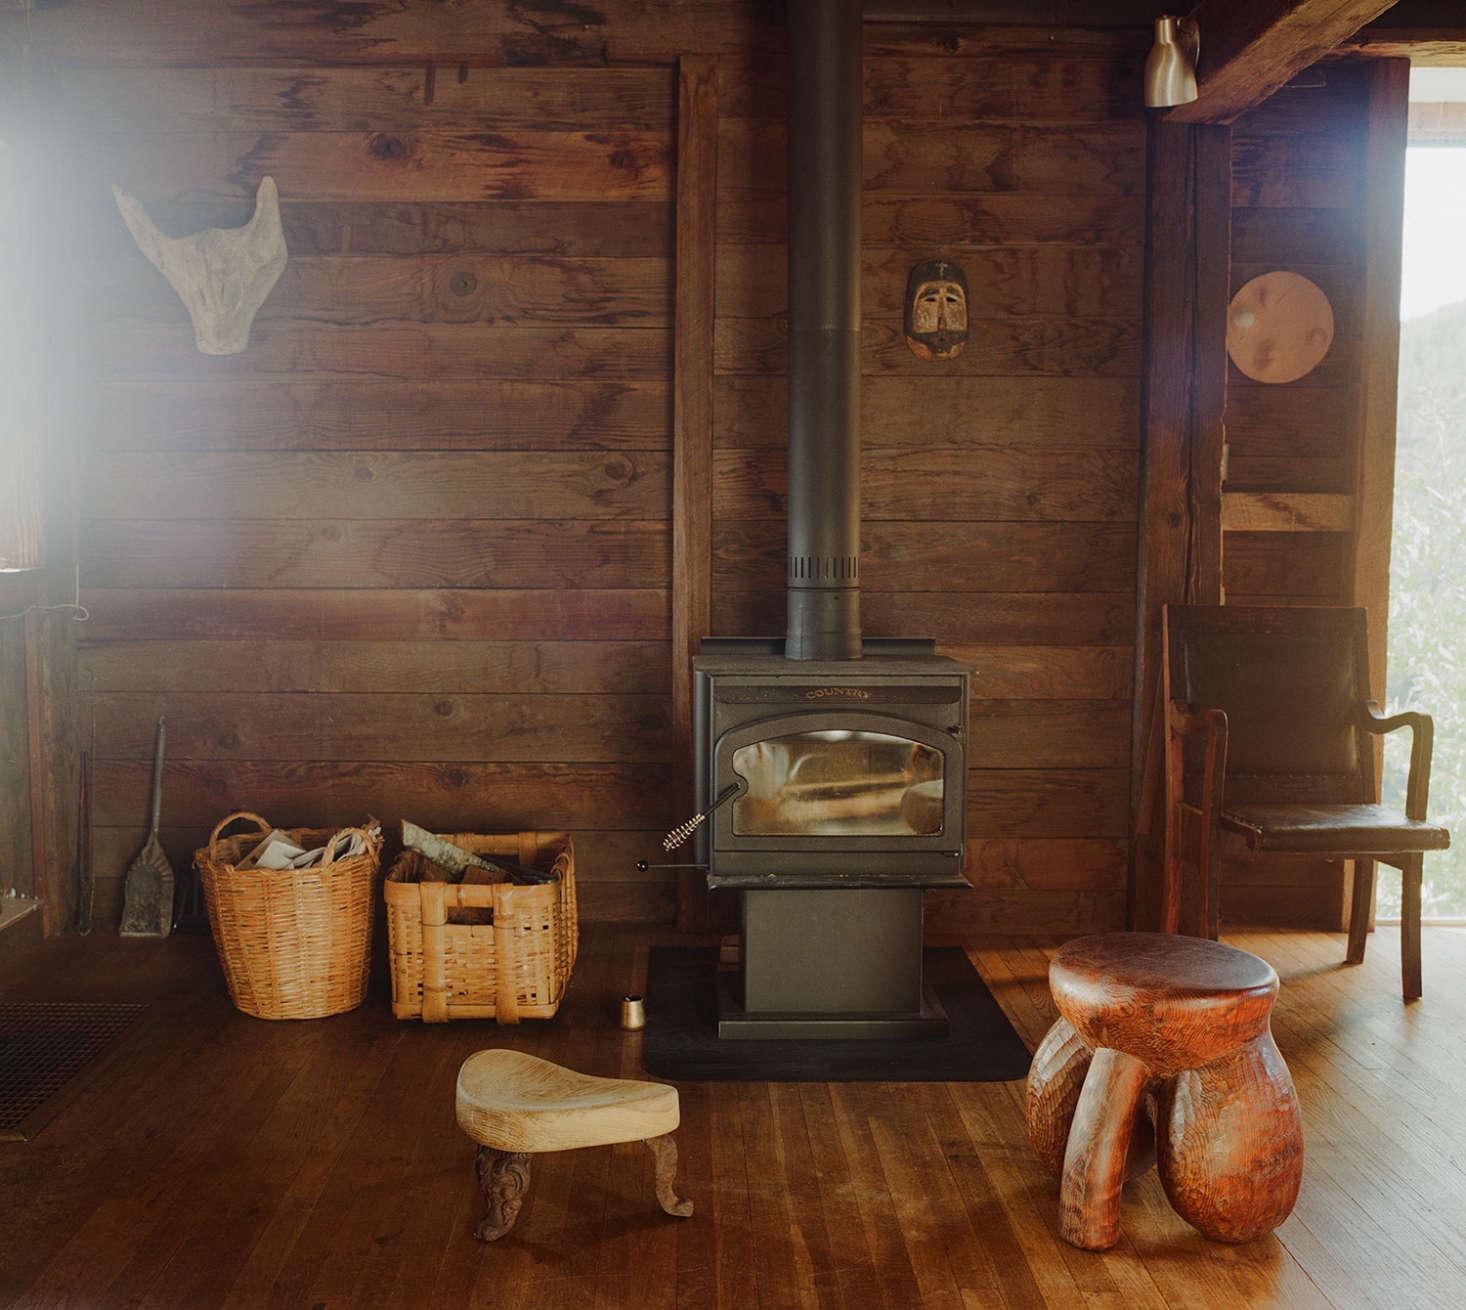 A woodstove heats the interior.